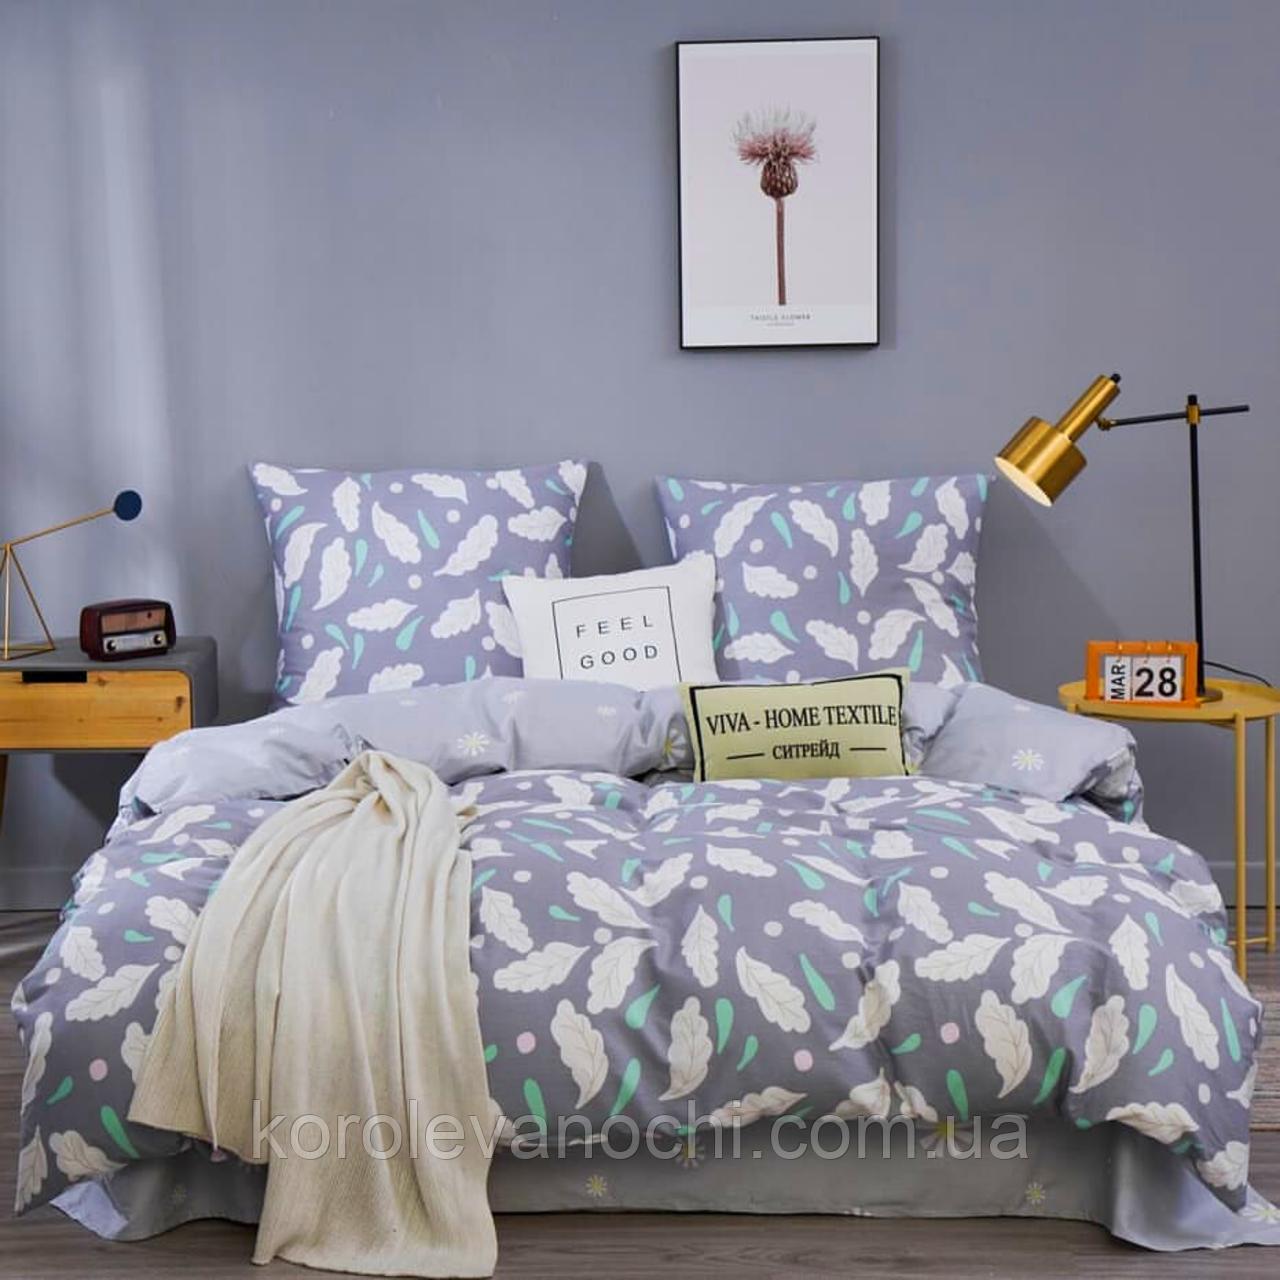 """Полуторный комплект (Бязь)   Постельное белье от производителя """"Королева Ночи""""   Листья и цветы на фиолетовом"""